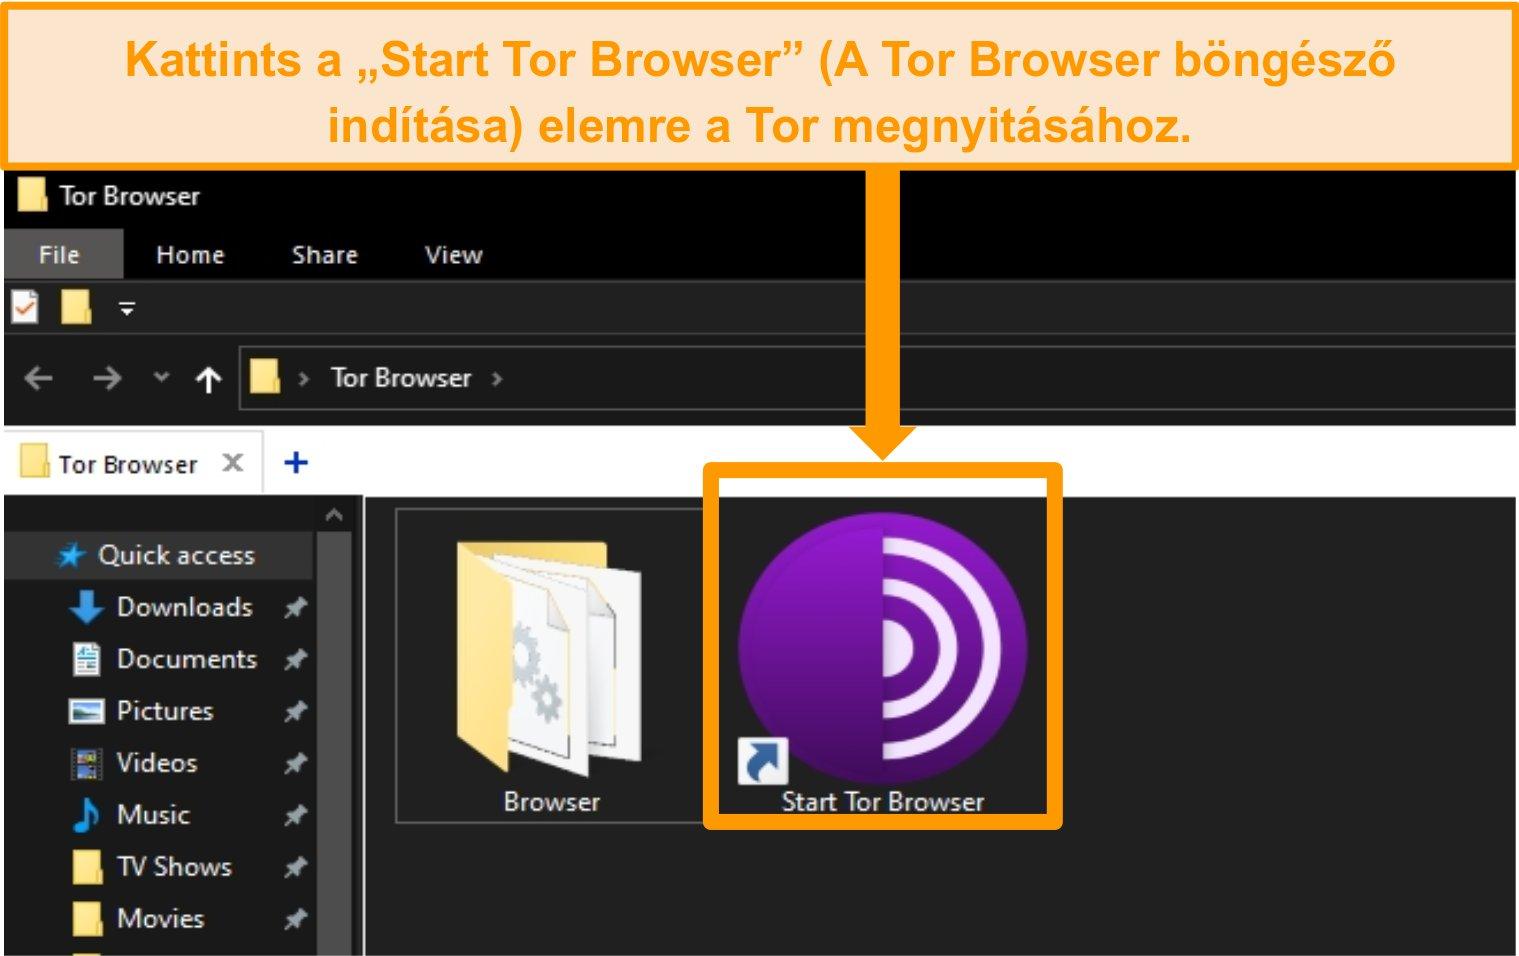 A Tor Browser parancsikonjának képernyőképe a telepítés után a Windows 10 rendszerre